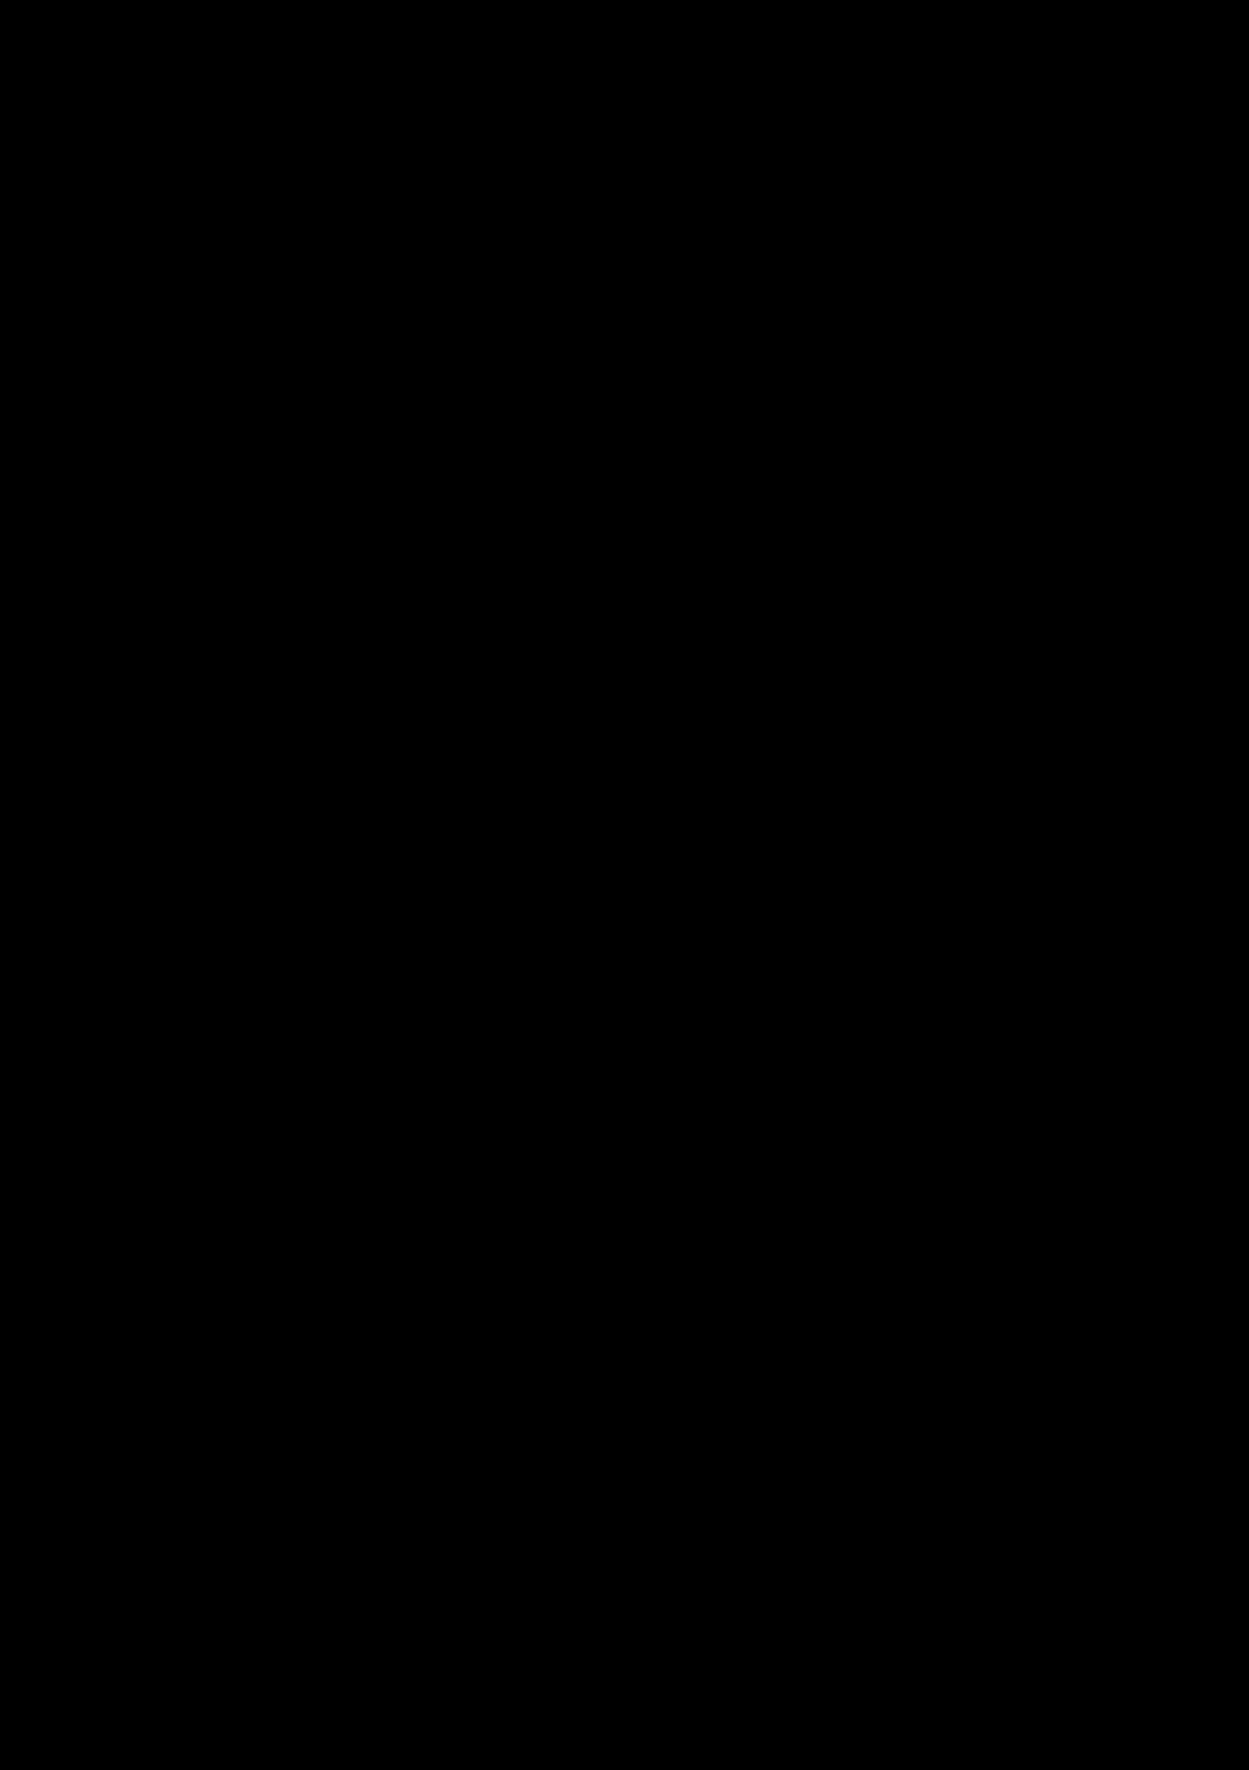 RENCONTRE AVEC JEAN LACOSTE AUTOUR DE L'OUVRAGE «PARIS PHILOSOPHE» – MARDI 12 JUIN 2018 – 19H00 (Maison d'Auguste Comte)